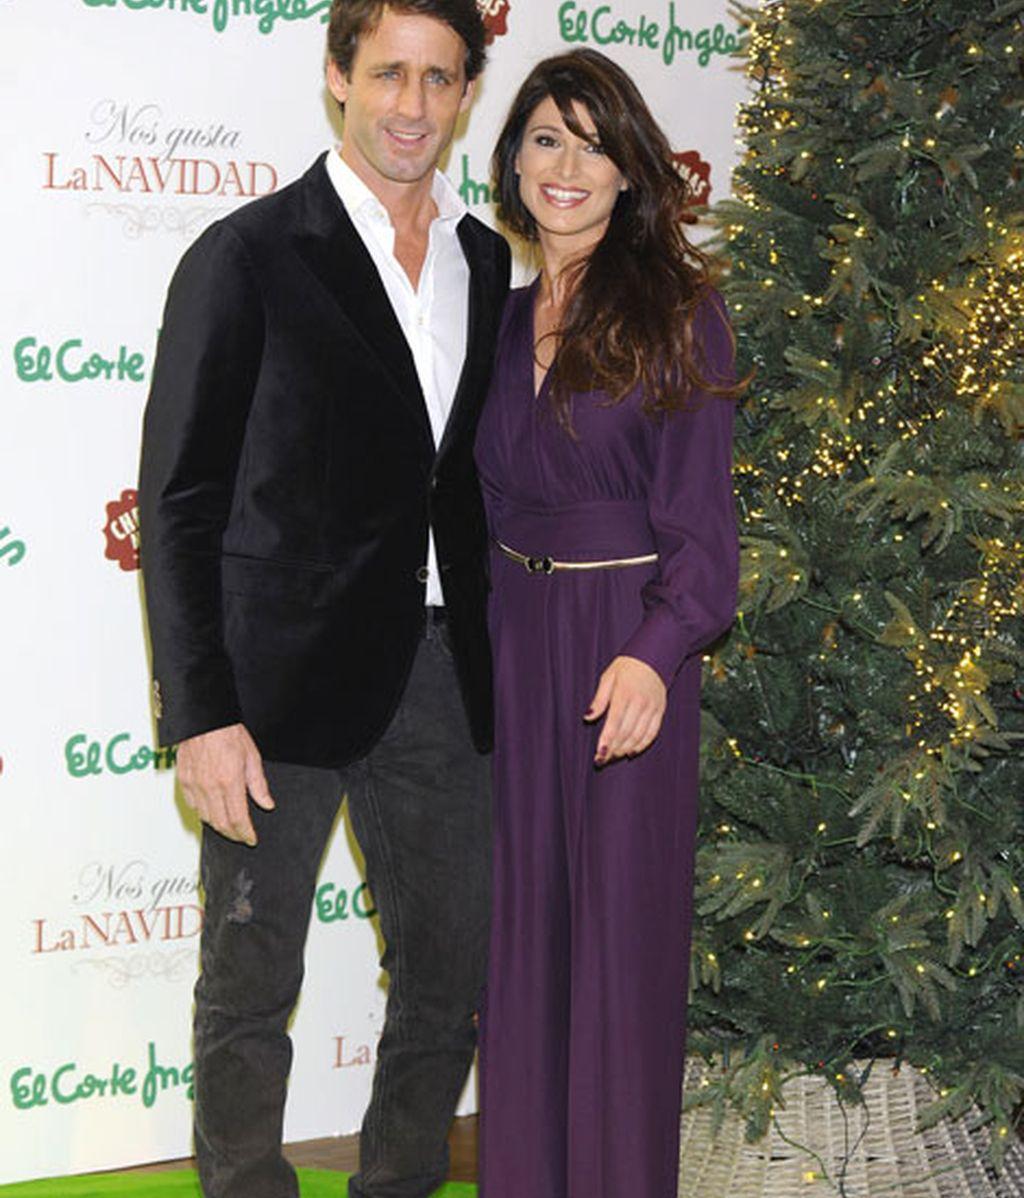 Sonia Ferrer y Álvaro Muñoz Escassi acudieron muy elegantes al evento